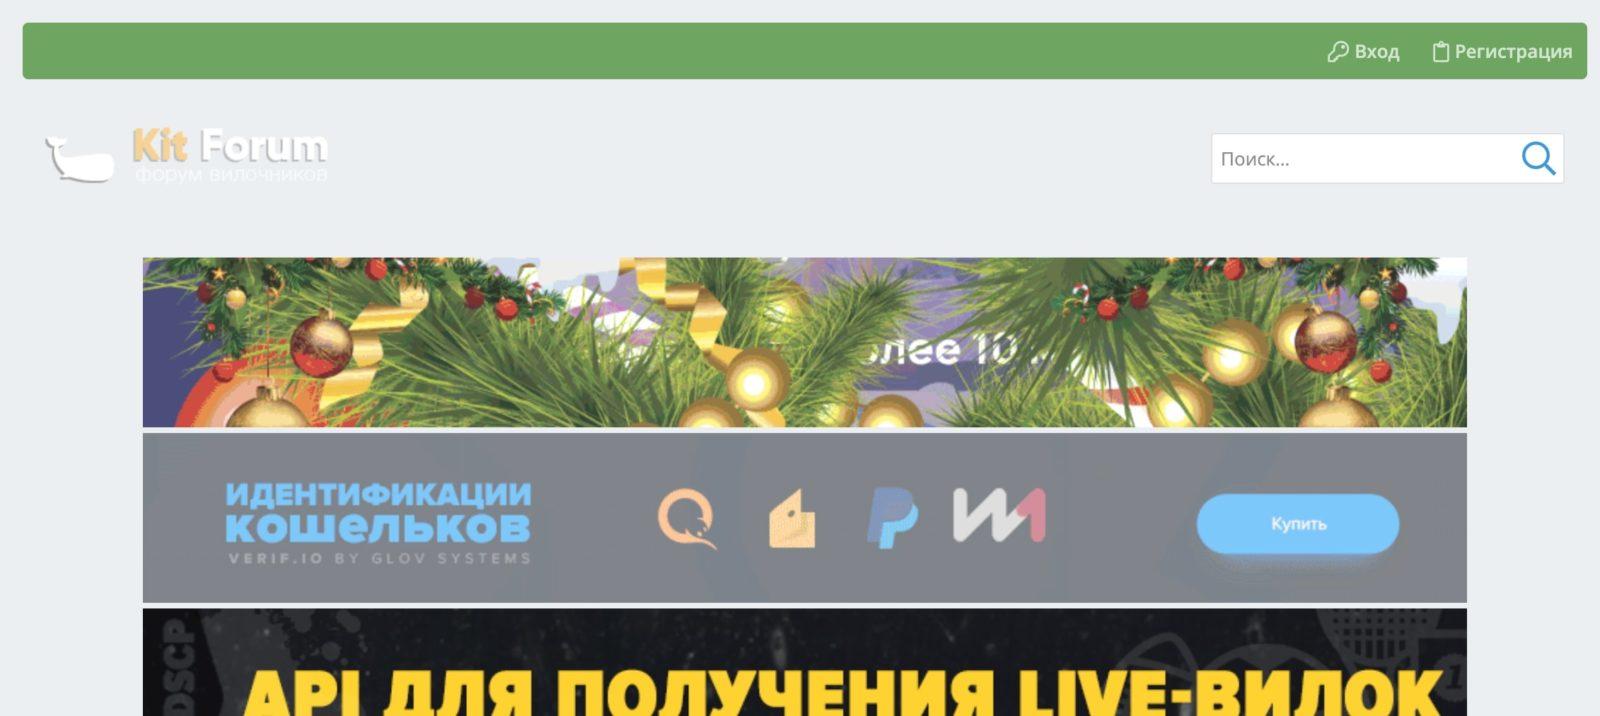 Главная страница ВК Kit-Capper.cc (Кит-Каппер)